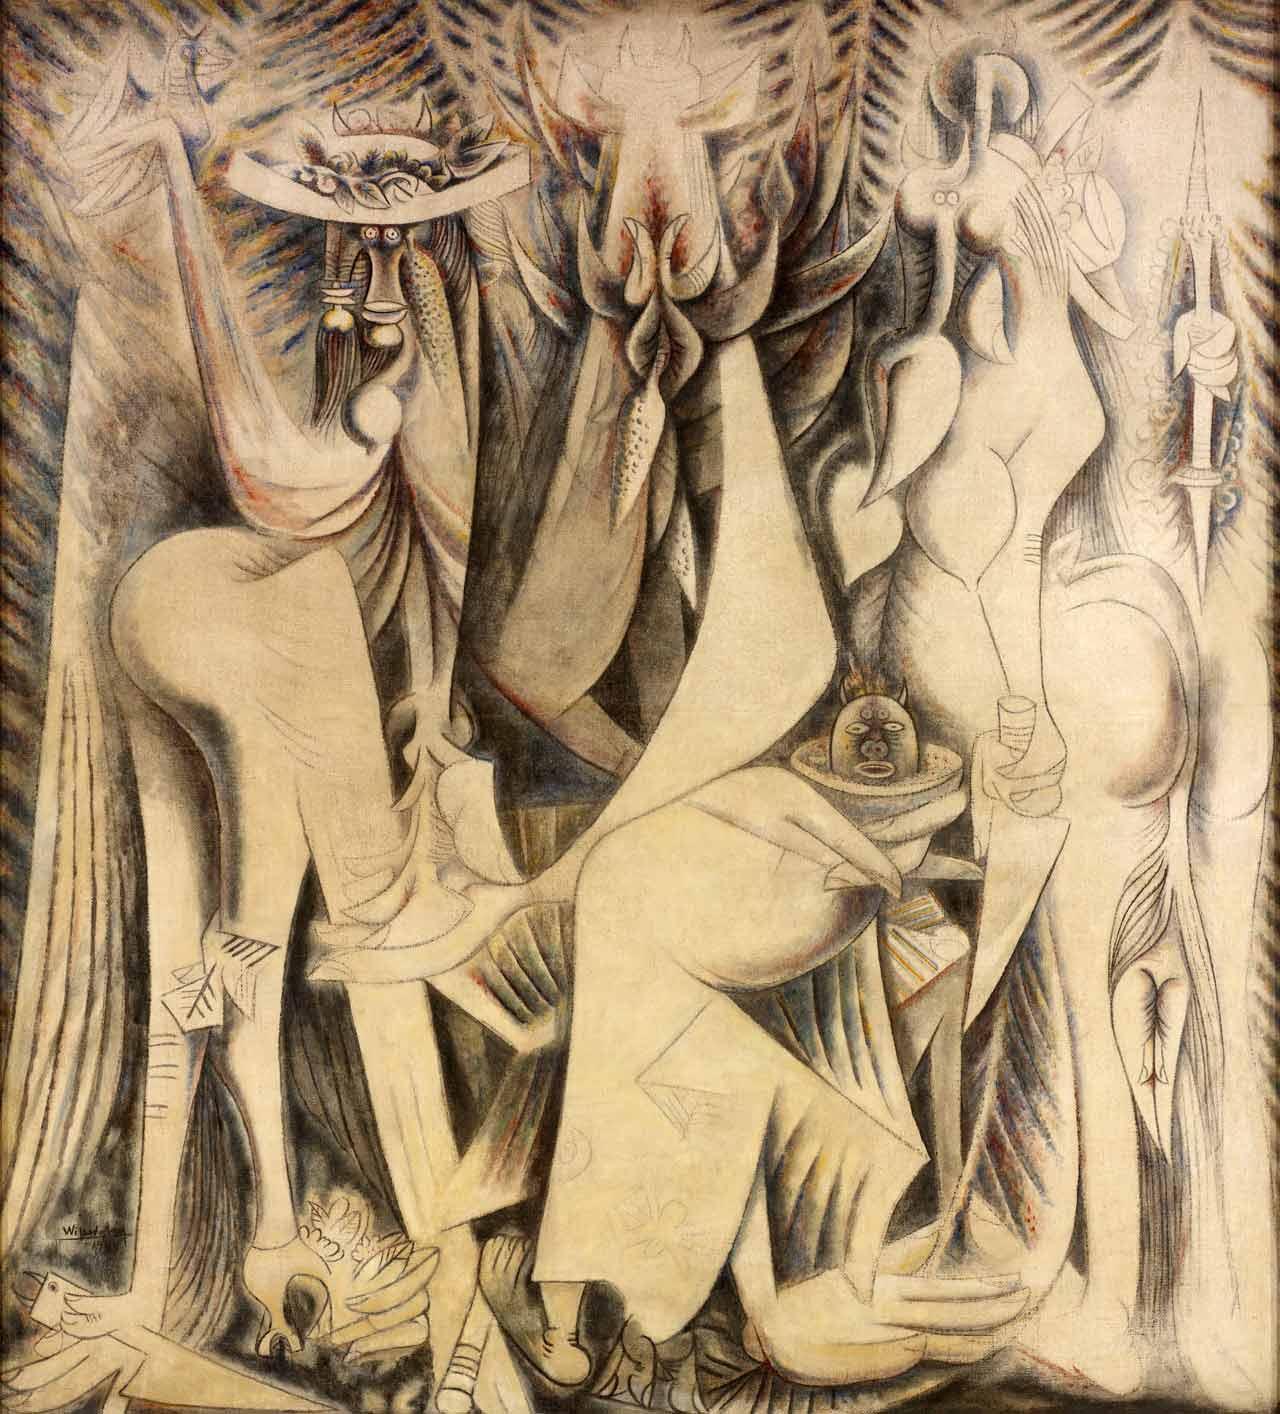 The Eternal Presence (An Homage to Alejandro García Caturla), 1944